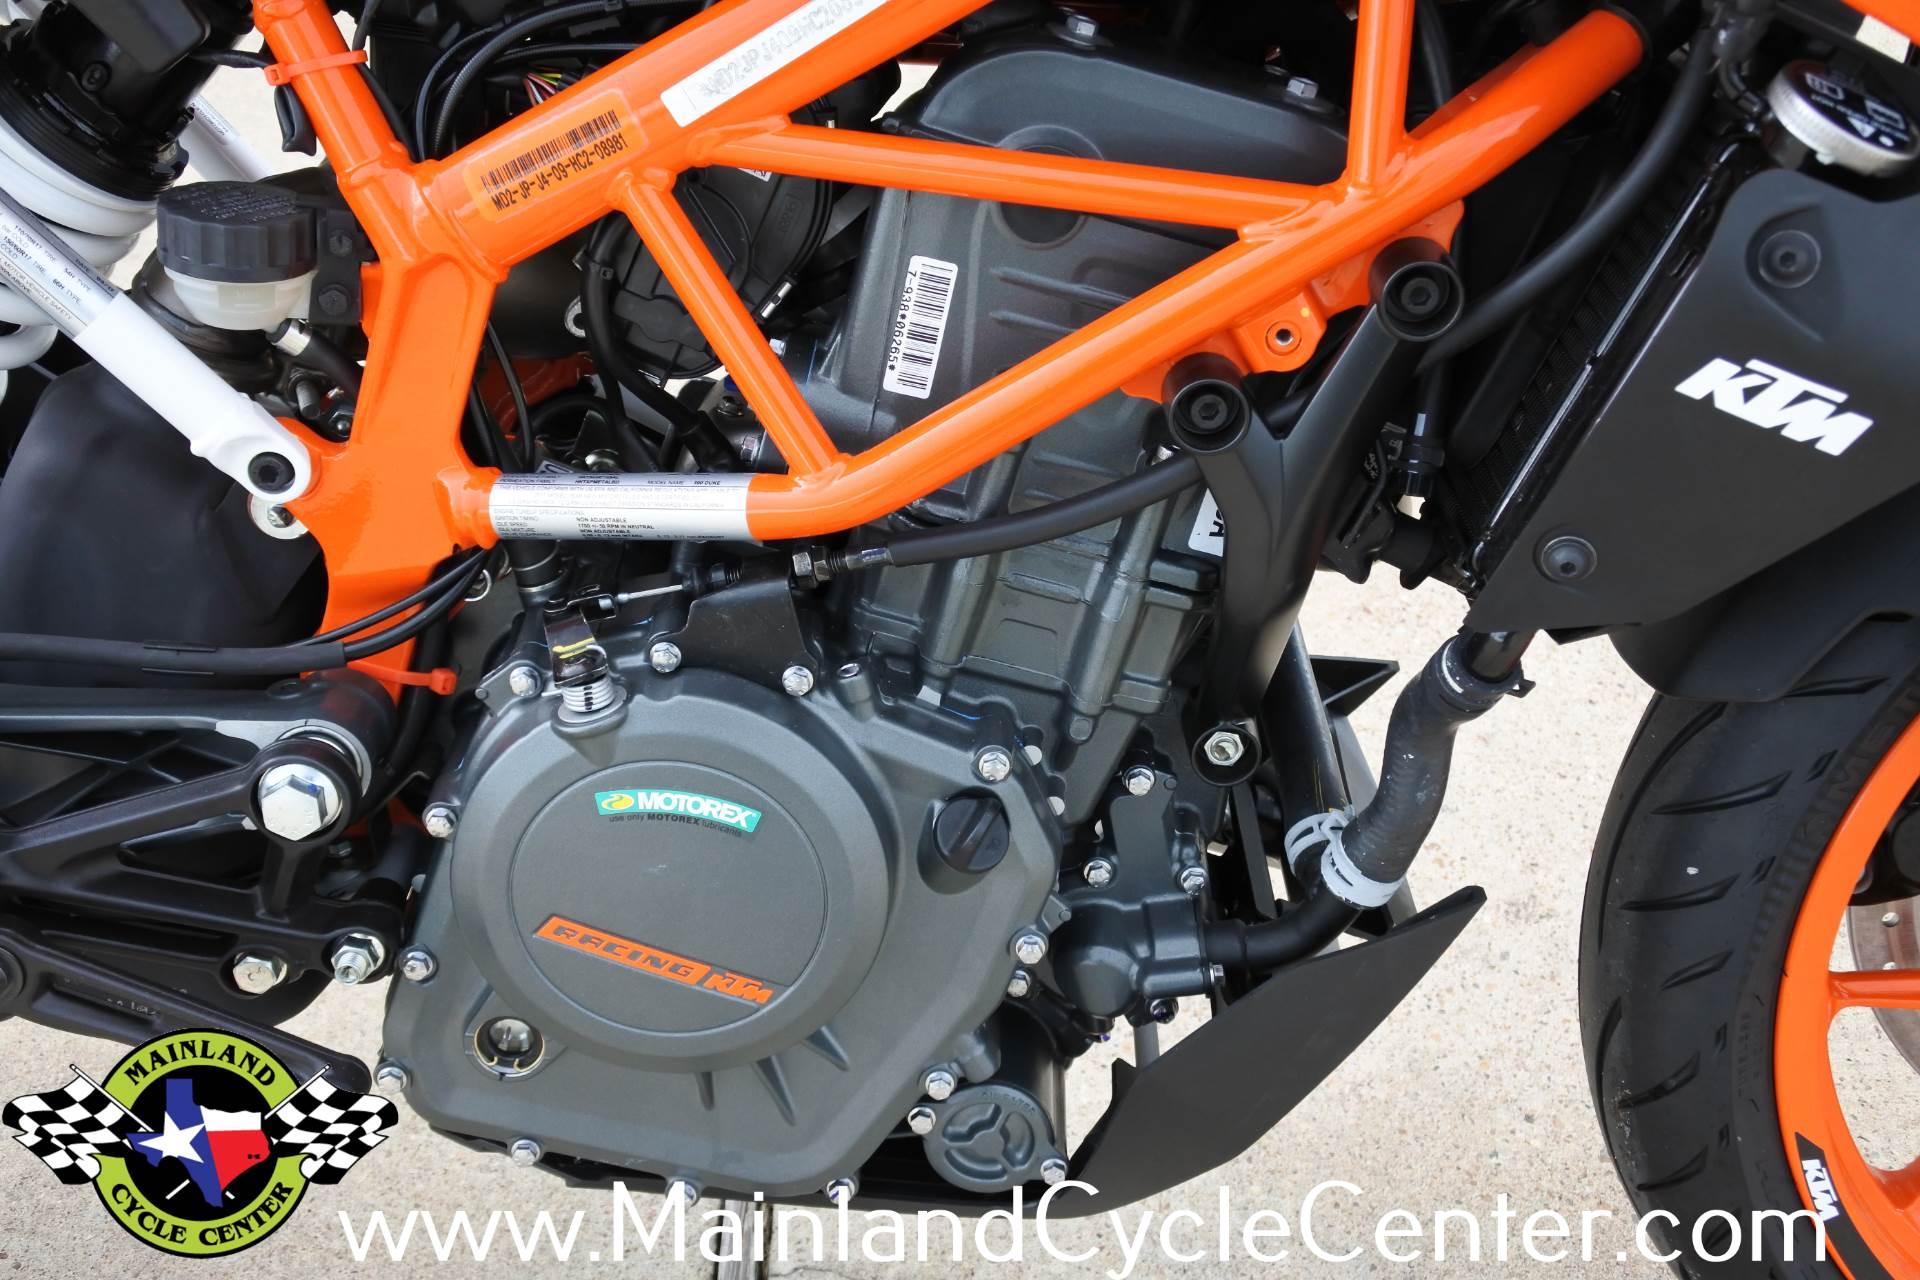 2018 KTM 390 Duke 10